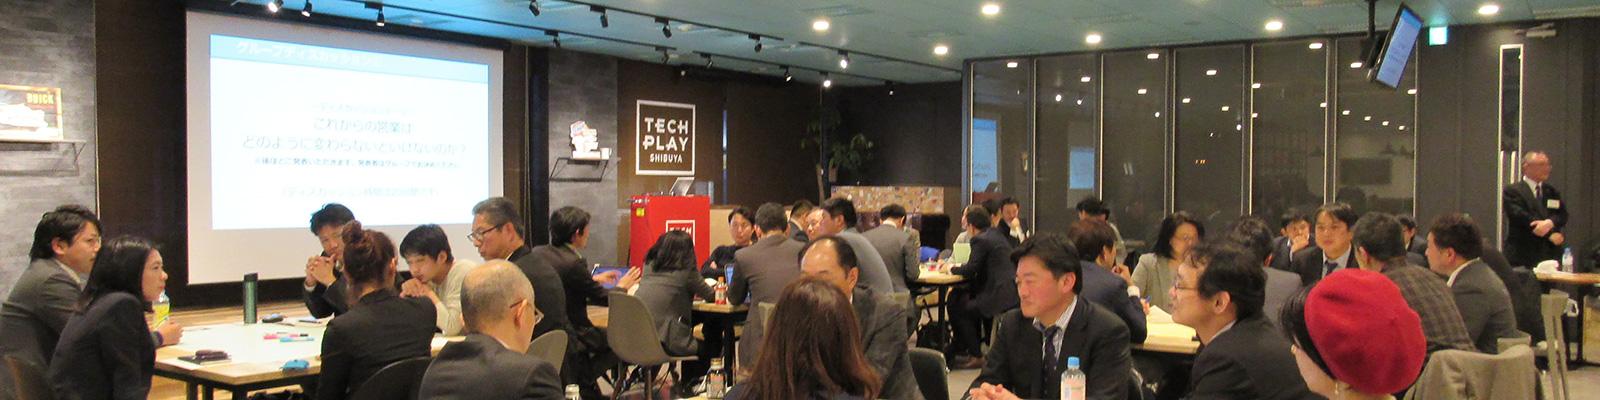 第7回を迎えたITACHIBA会議。今回のテーマは「10年後を生き抜くためのIT営業のキャリアを考える」